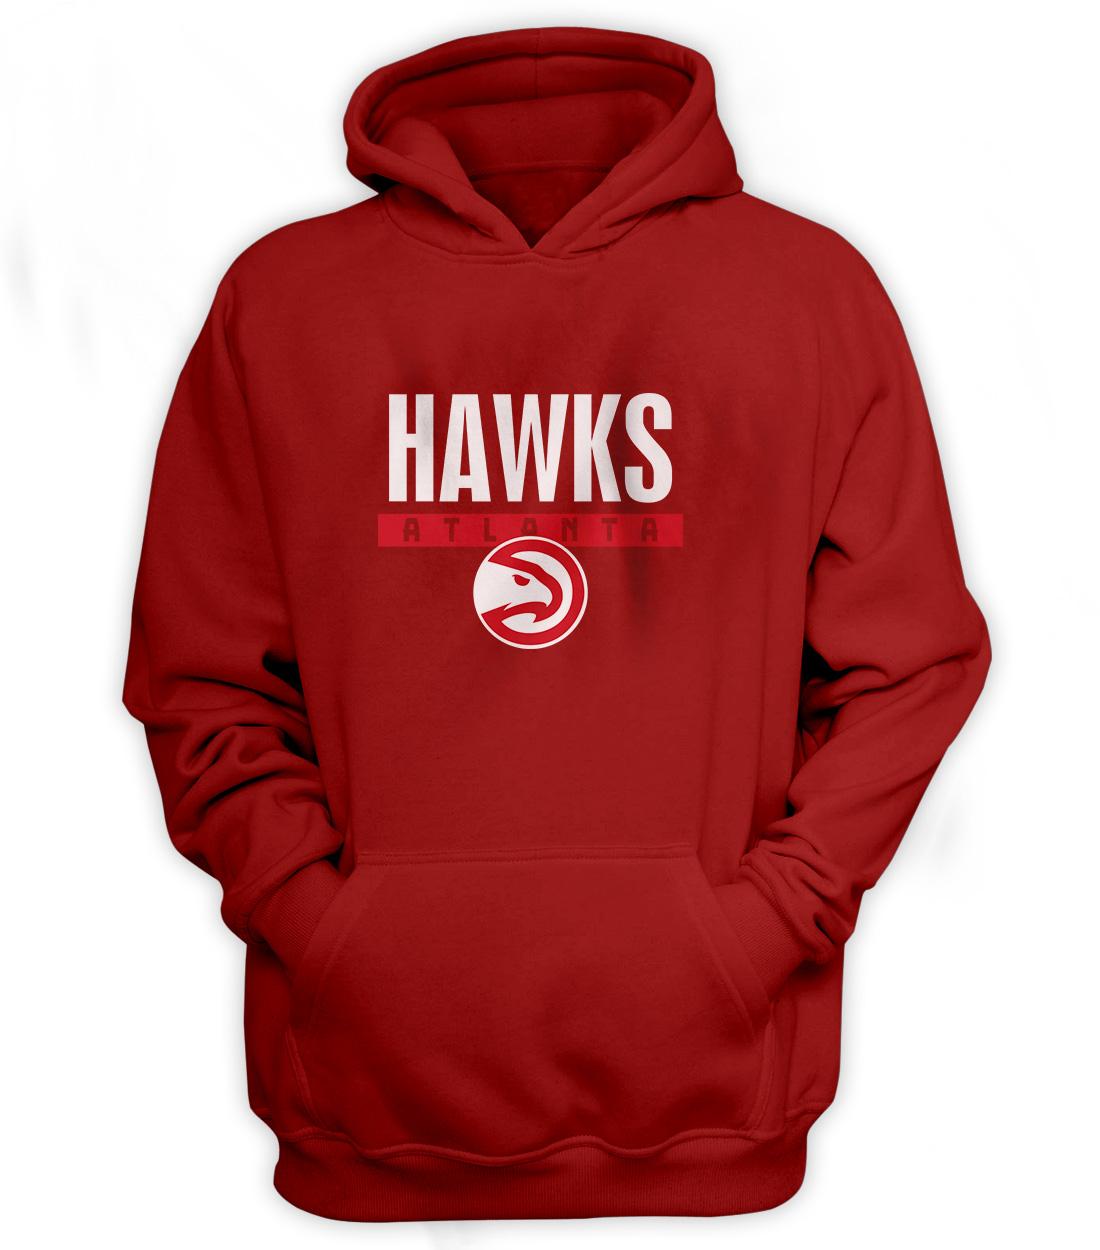 Atlanta Hawks Hoodie (HD-RED-NP-19-NBA-ATL-HAWKS)